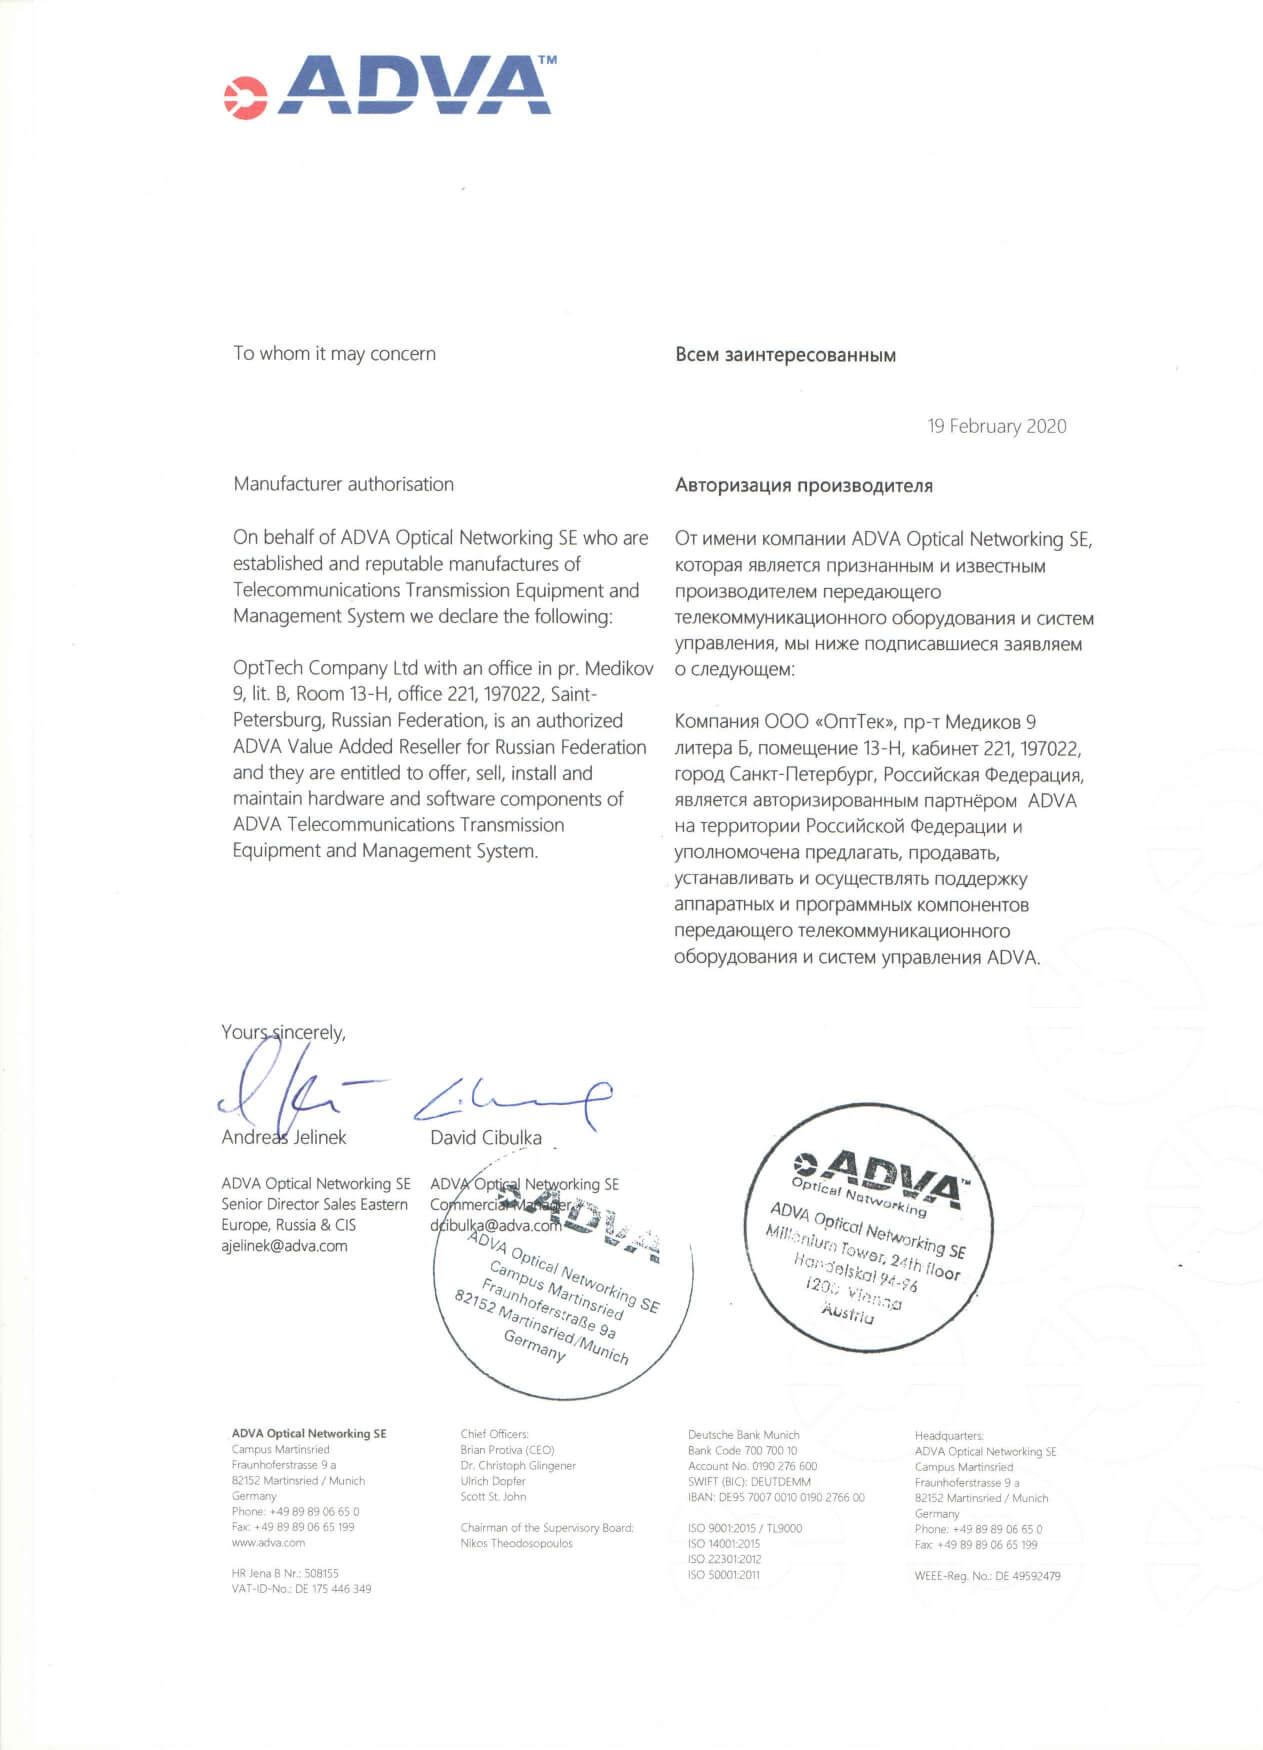 ADVA сертификат